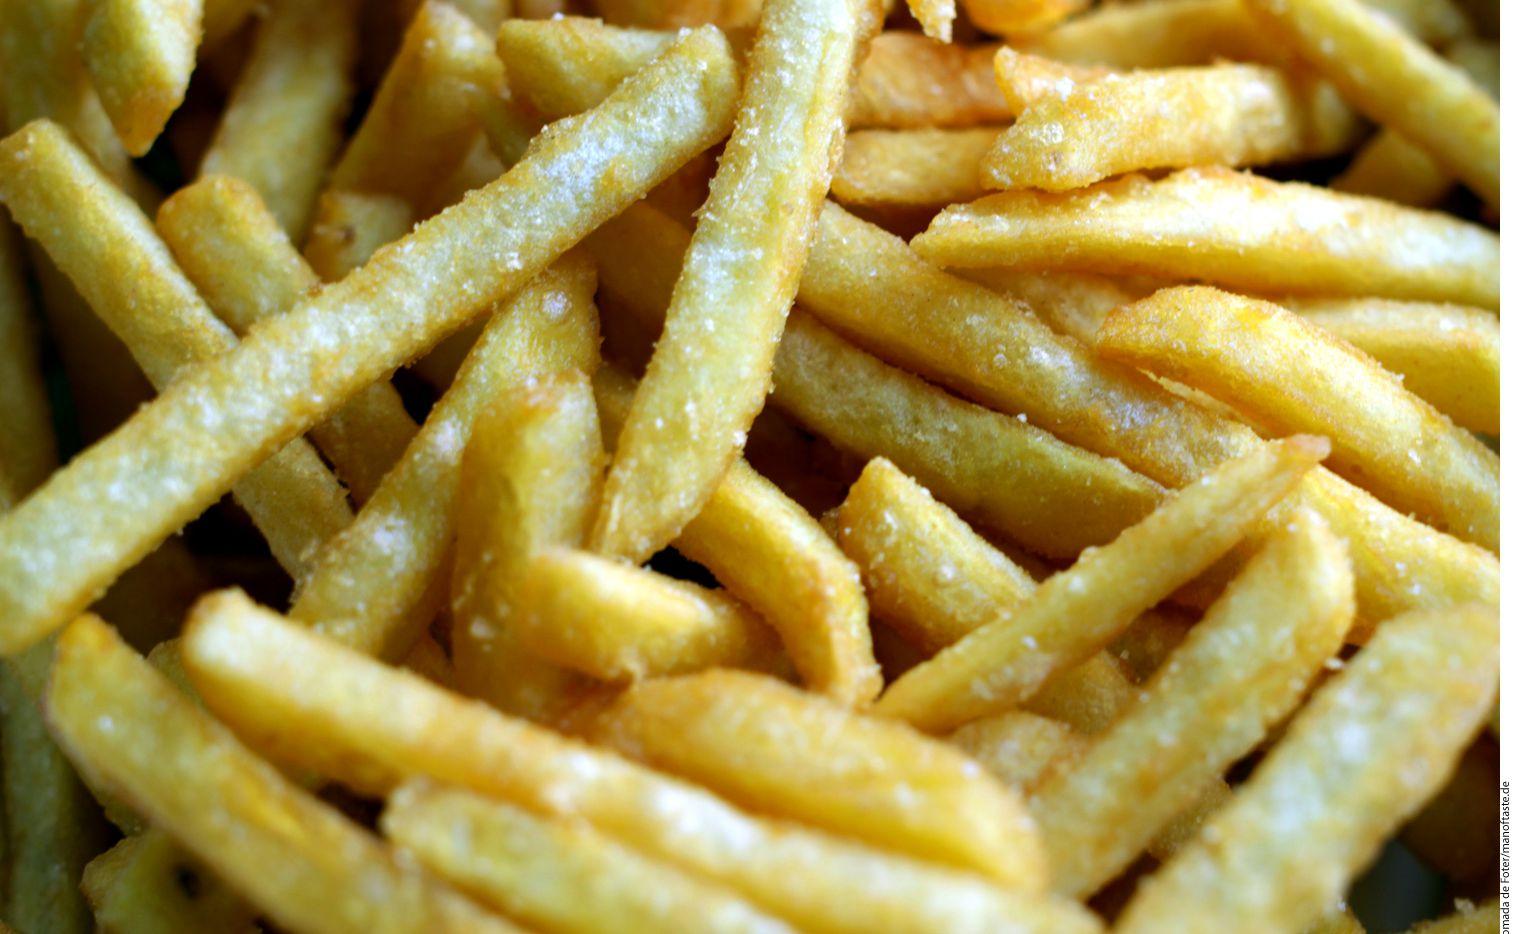 Un listado de Los Angeles Times desató una discusión sobre cuáles son las mejores papas a las francesa de cadenas de comida rápida. (AGENCIA REFORMA)